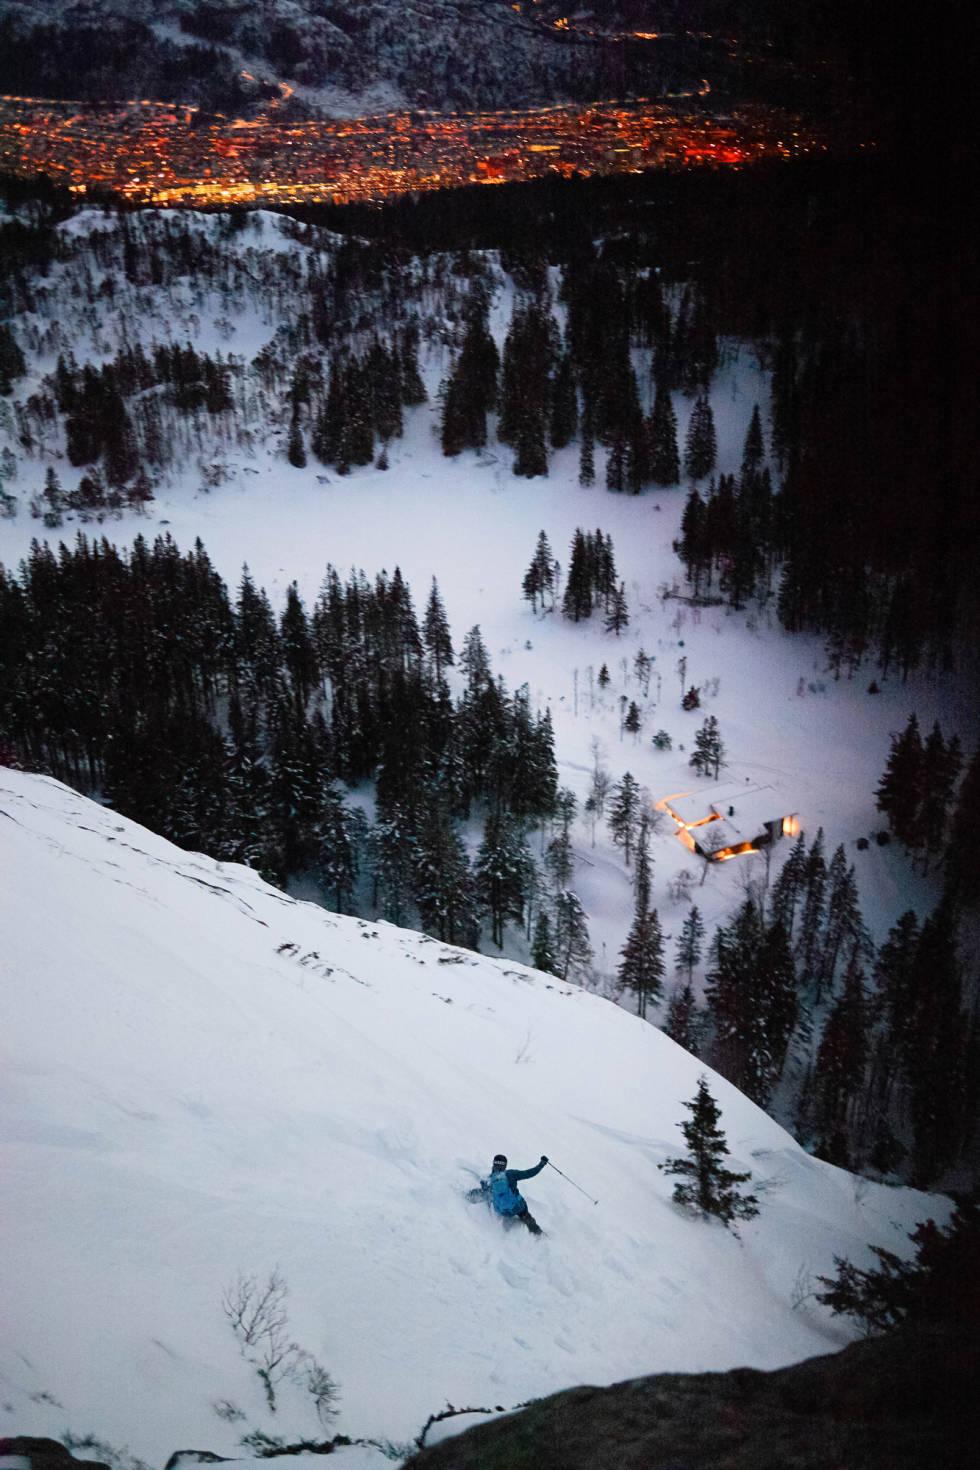 BLÅTIMEN: Fra toppen av Blåmanen legger det seg en sjelden gang snø i en tynn stripe rett ned til Brushytten. I vinter skjedde det. Og i vinter raste all snøen ut i et svært snøskred, slik at bergenspolitiet stengte turstien som ligger ved foten av fjellet. Etter en stund satte snøen seg, og vi fikk mer påfyll. Asbjørn Hellås kjenner sin besøkelsestid, og legger en sving ned mot langrennsløypa like før dagen er slutt. Vel nede kan han stake seg mellom lycrakledde langrennsløpere og rett hjem til huset i Sandviken. Foto: Alric Ljunghager